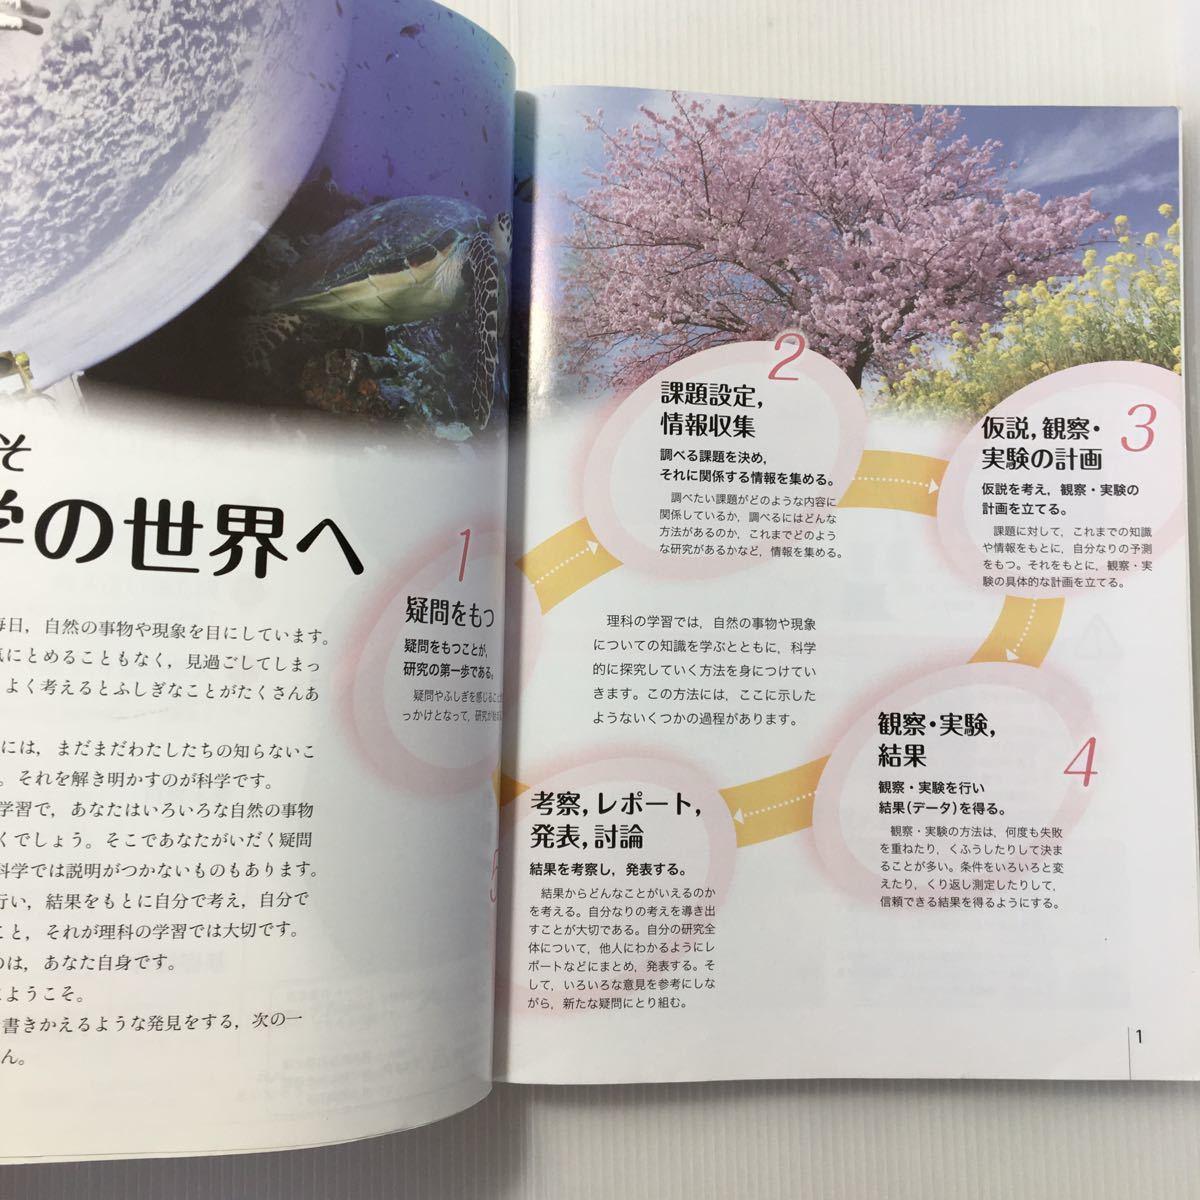 zaa-048★新しい科学 1 [平成24年度採用] 東京書籍 (日本語) 単行本 2014/3/1